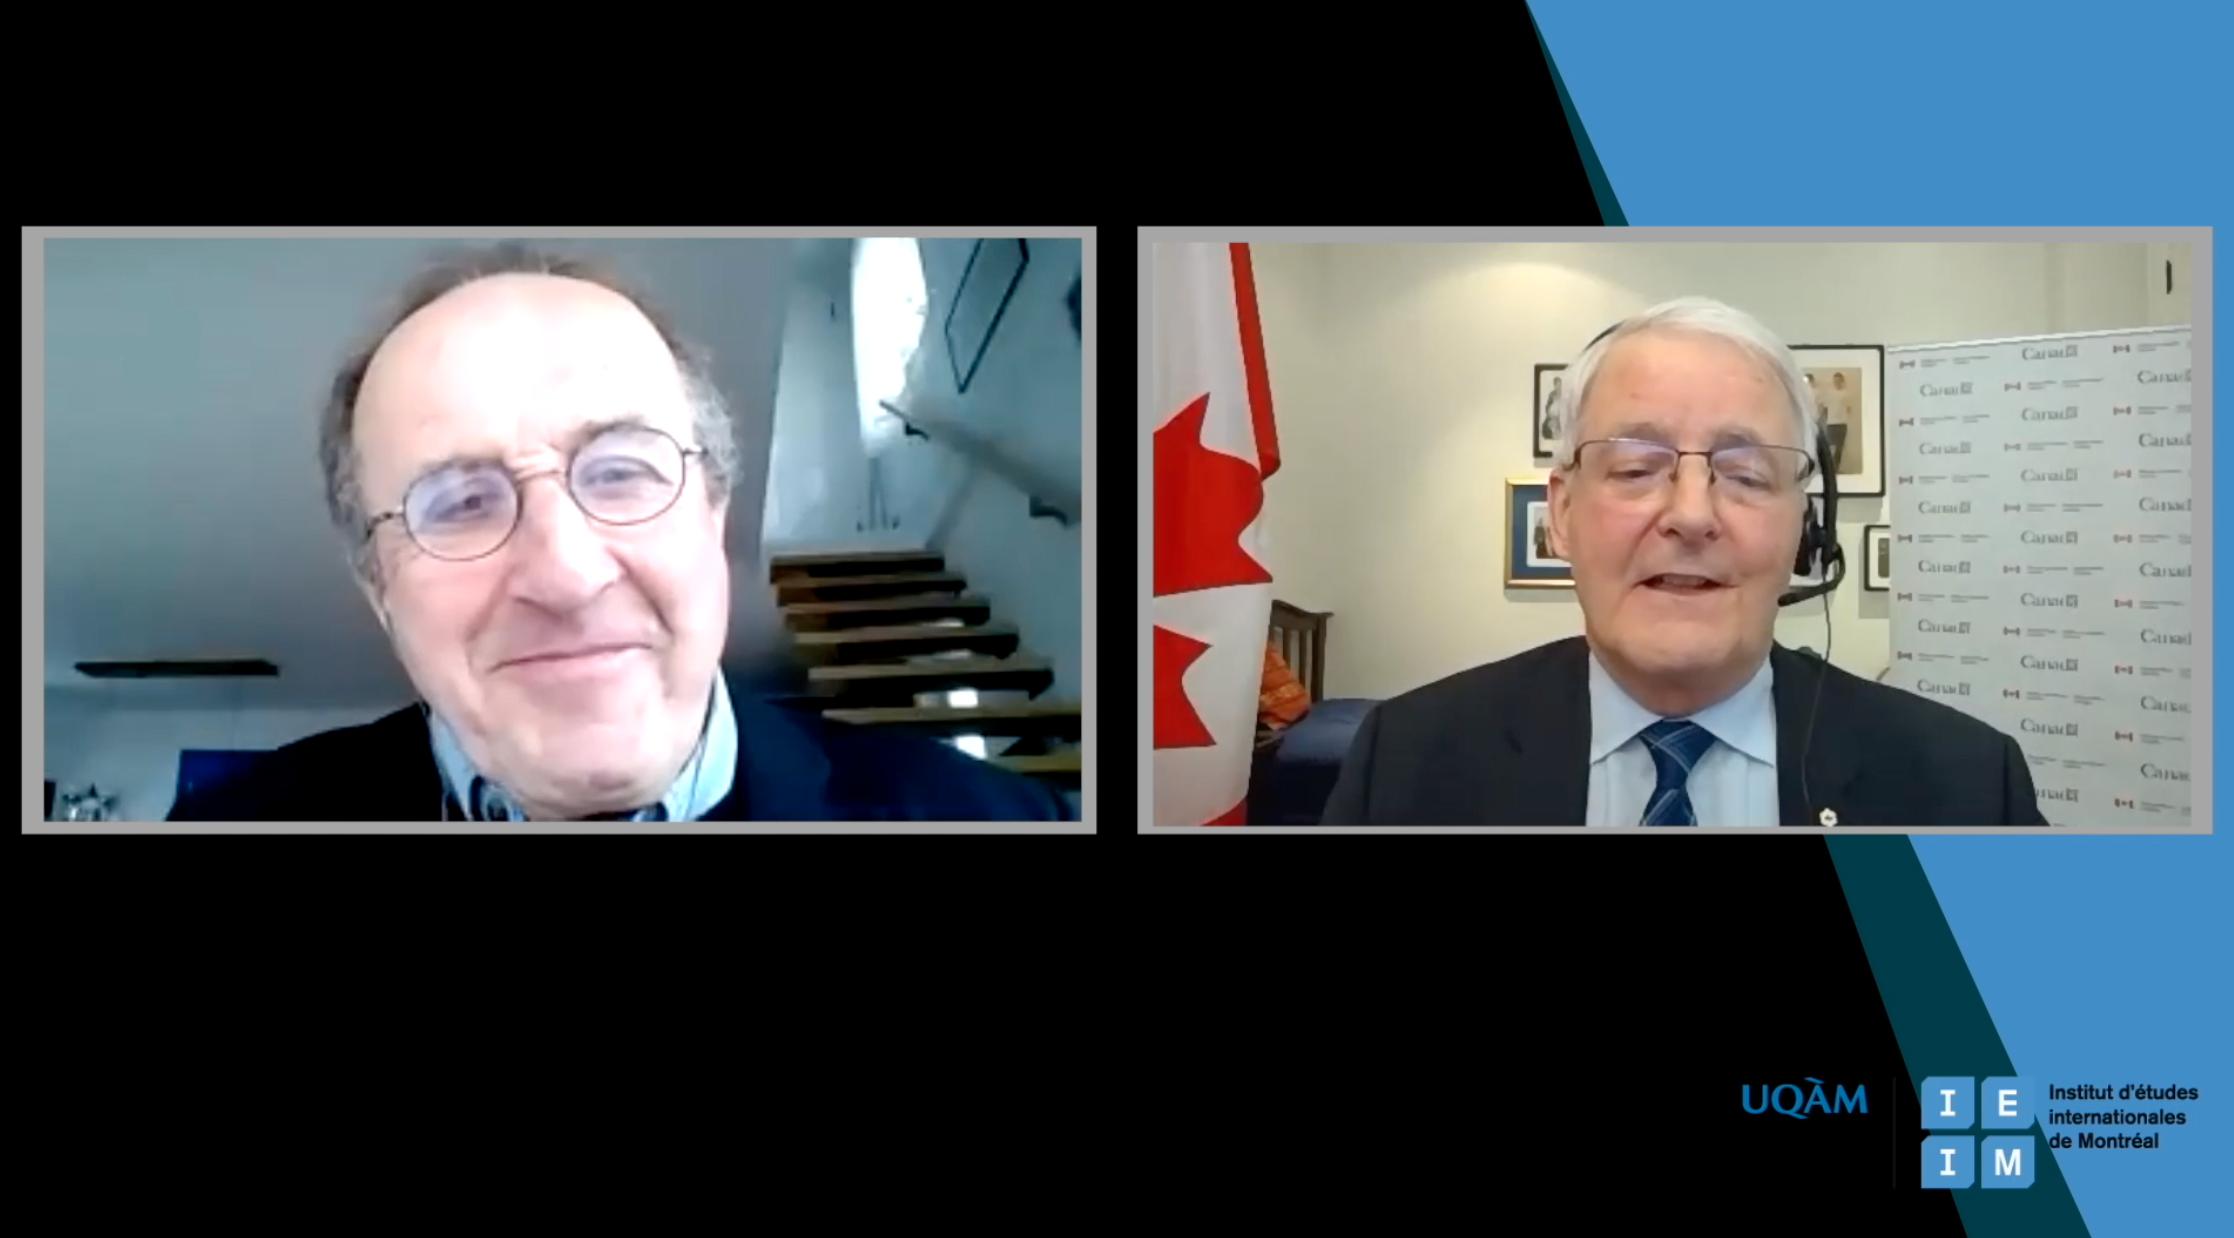 Les Entretiens de l'IEIM: «Quelles perspectives pour la politique étrangère du Canada?» avec Marc Garneau, ministre des Affaires étrangères du Canada